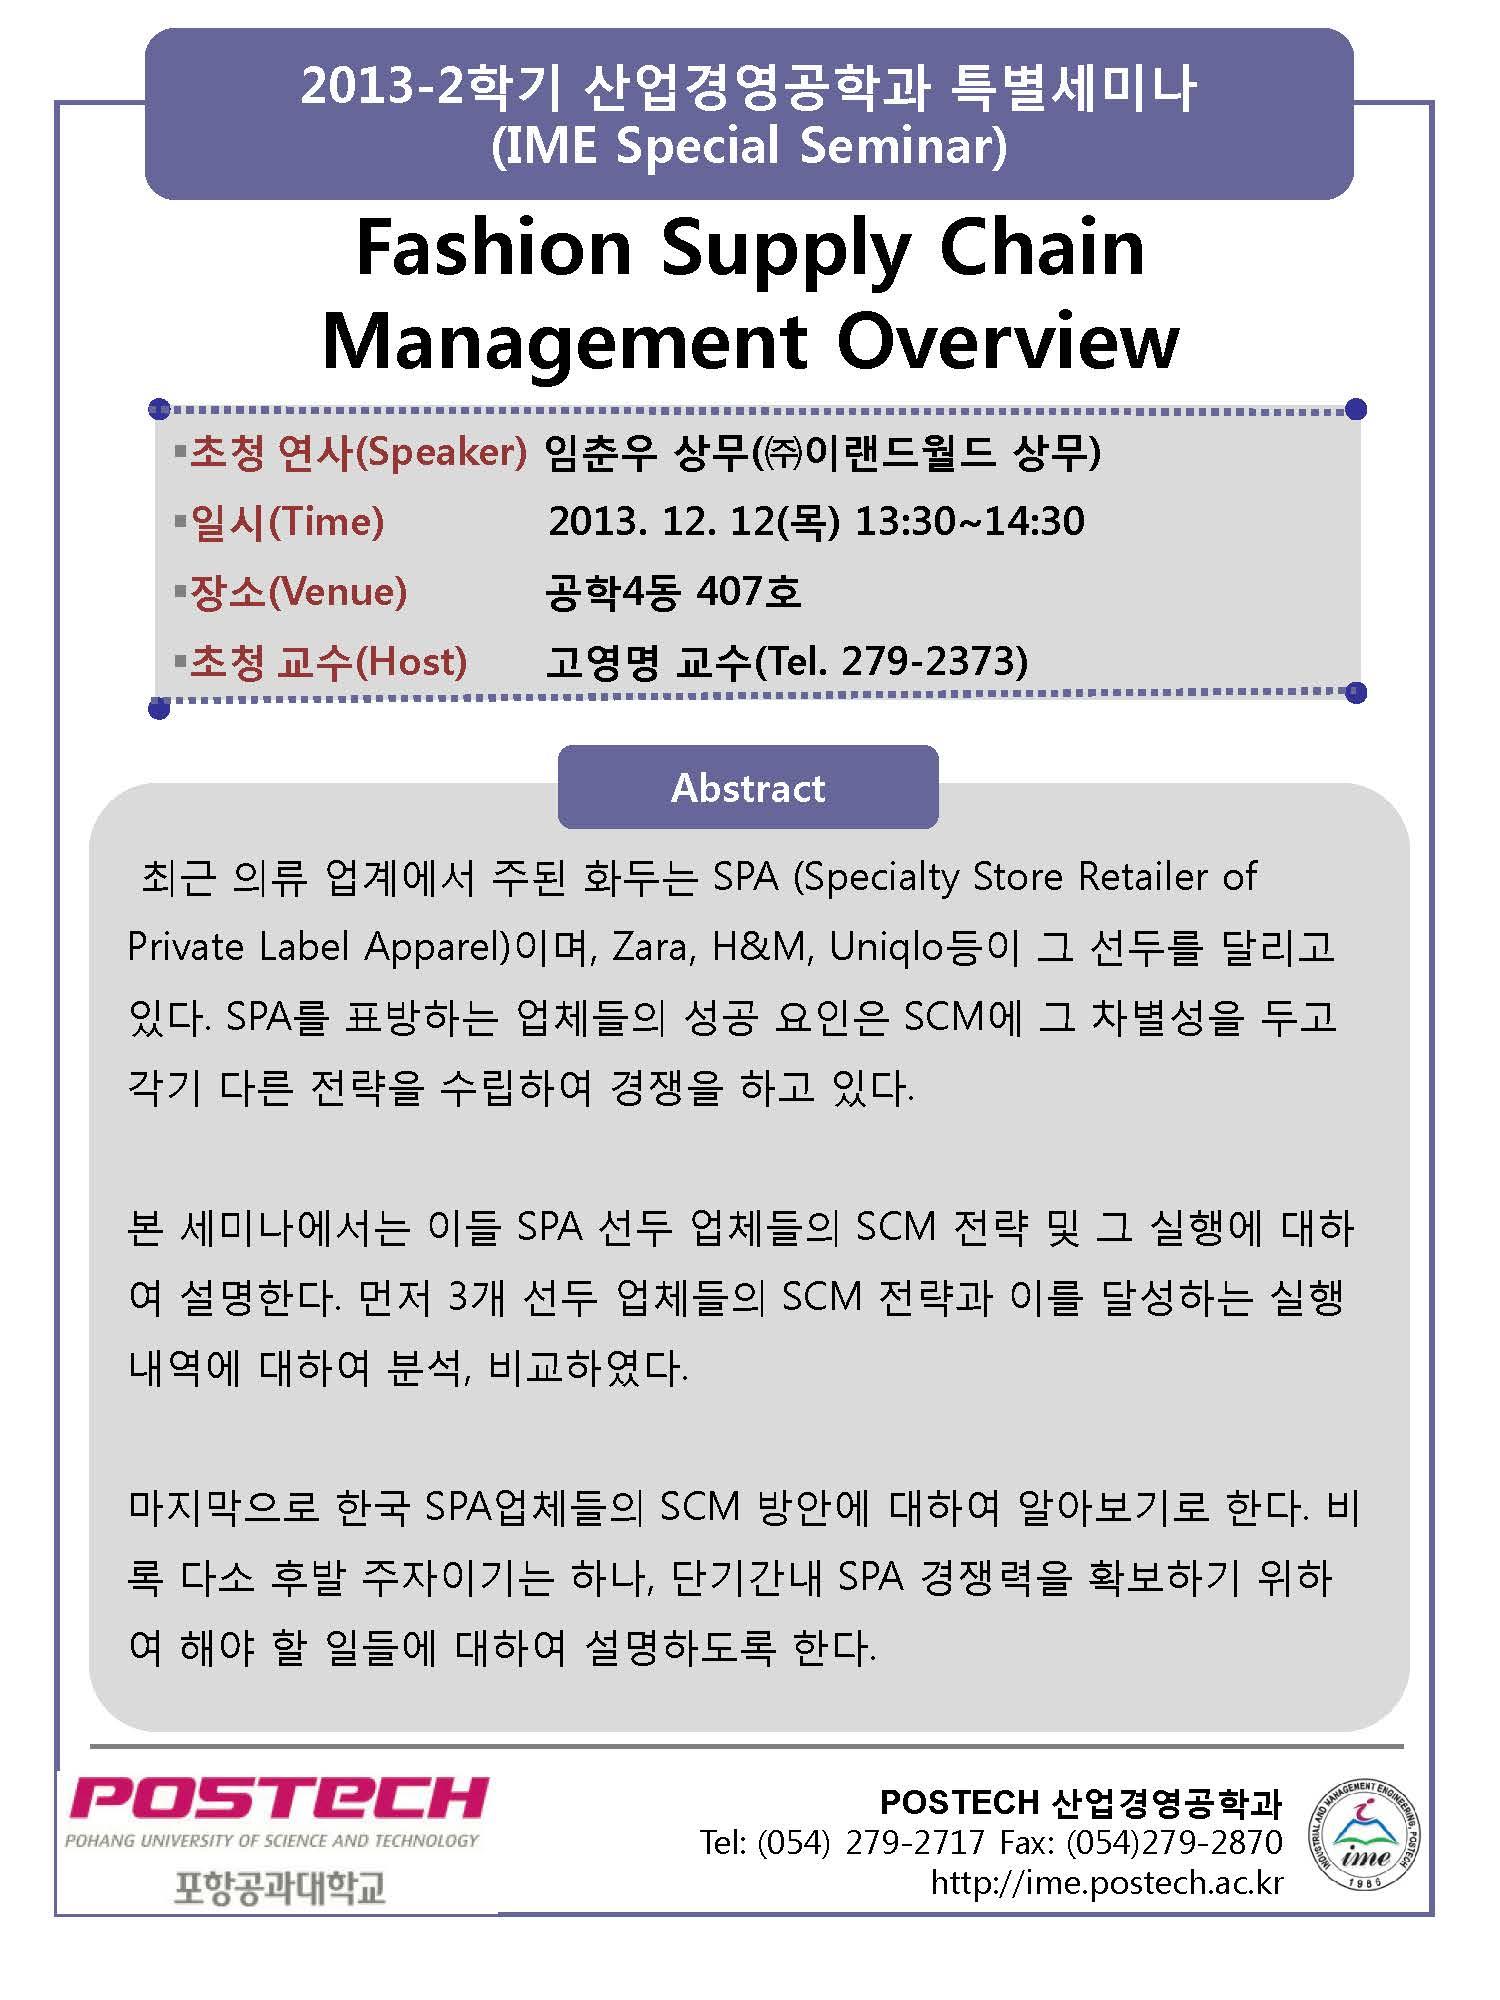 20131212_특별세미나(special_seminar)